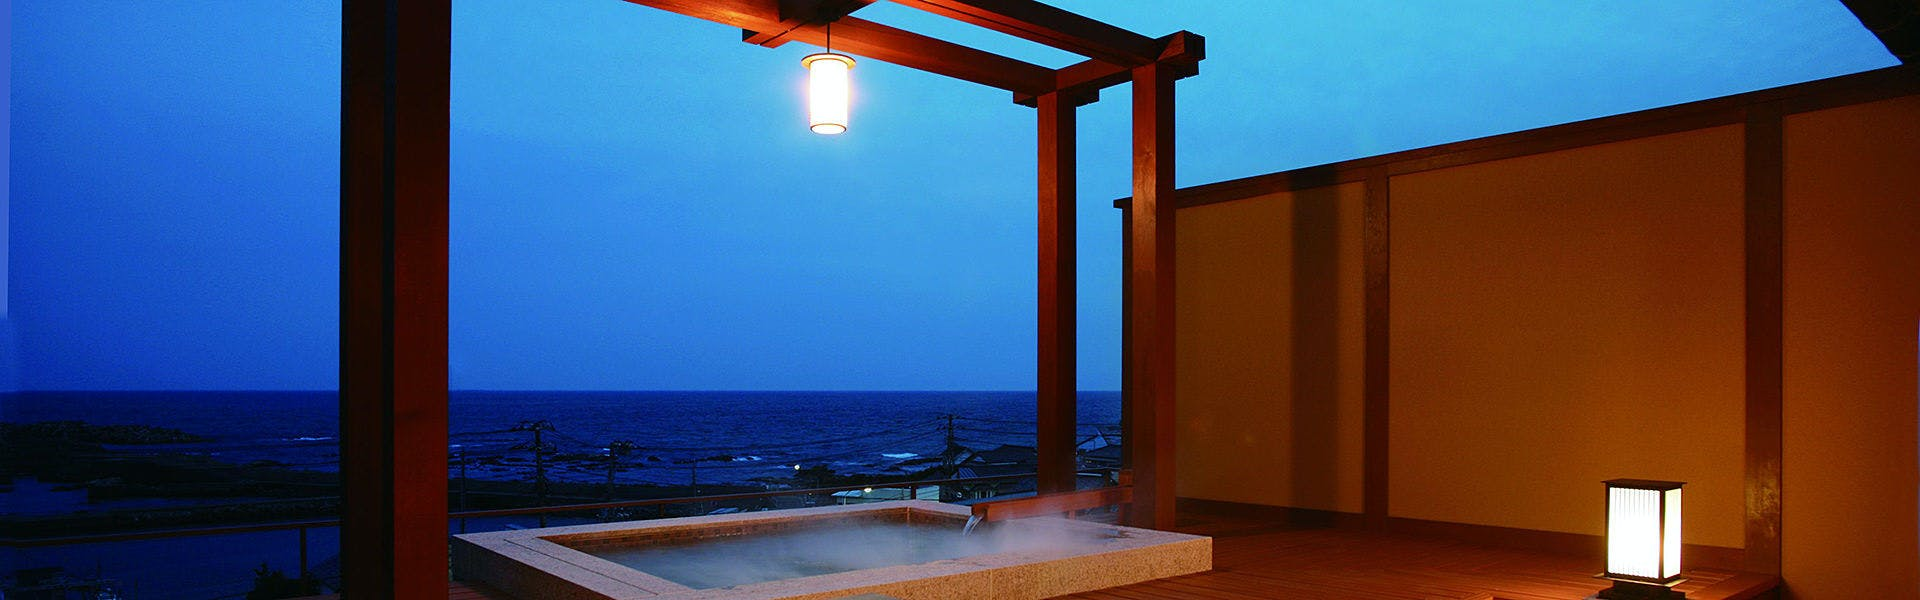 記念日におすすめのホテル・蓬莱屋旅館の写真2